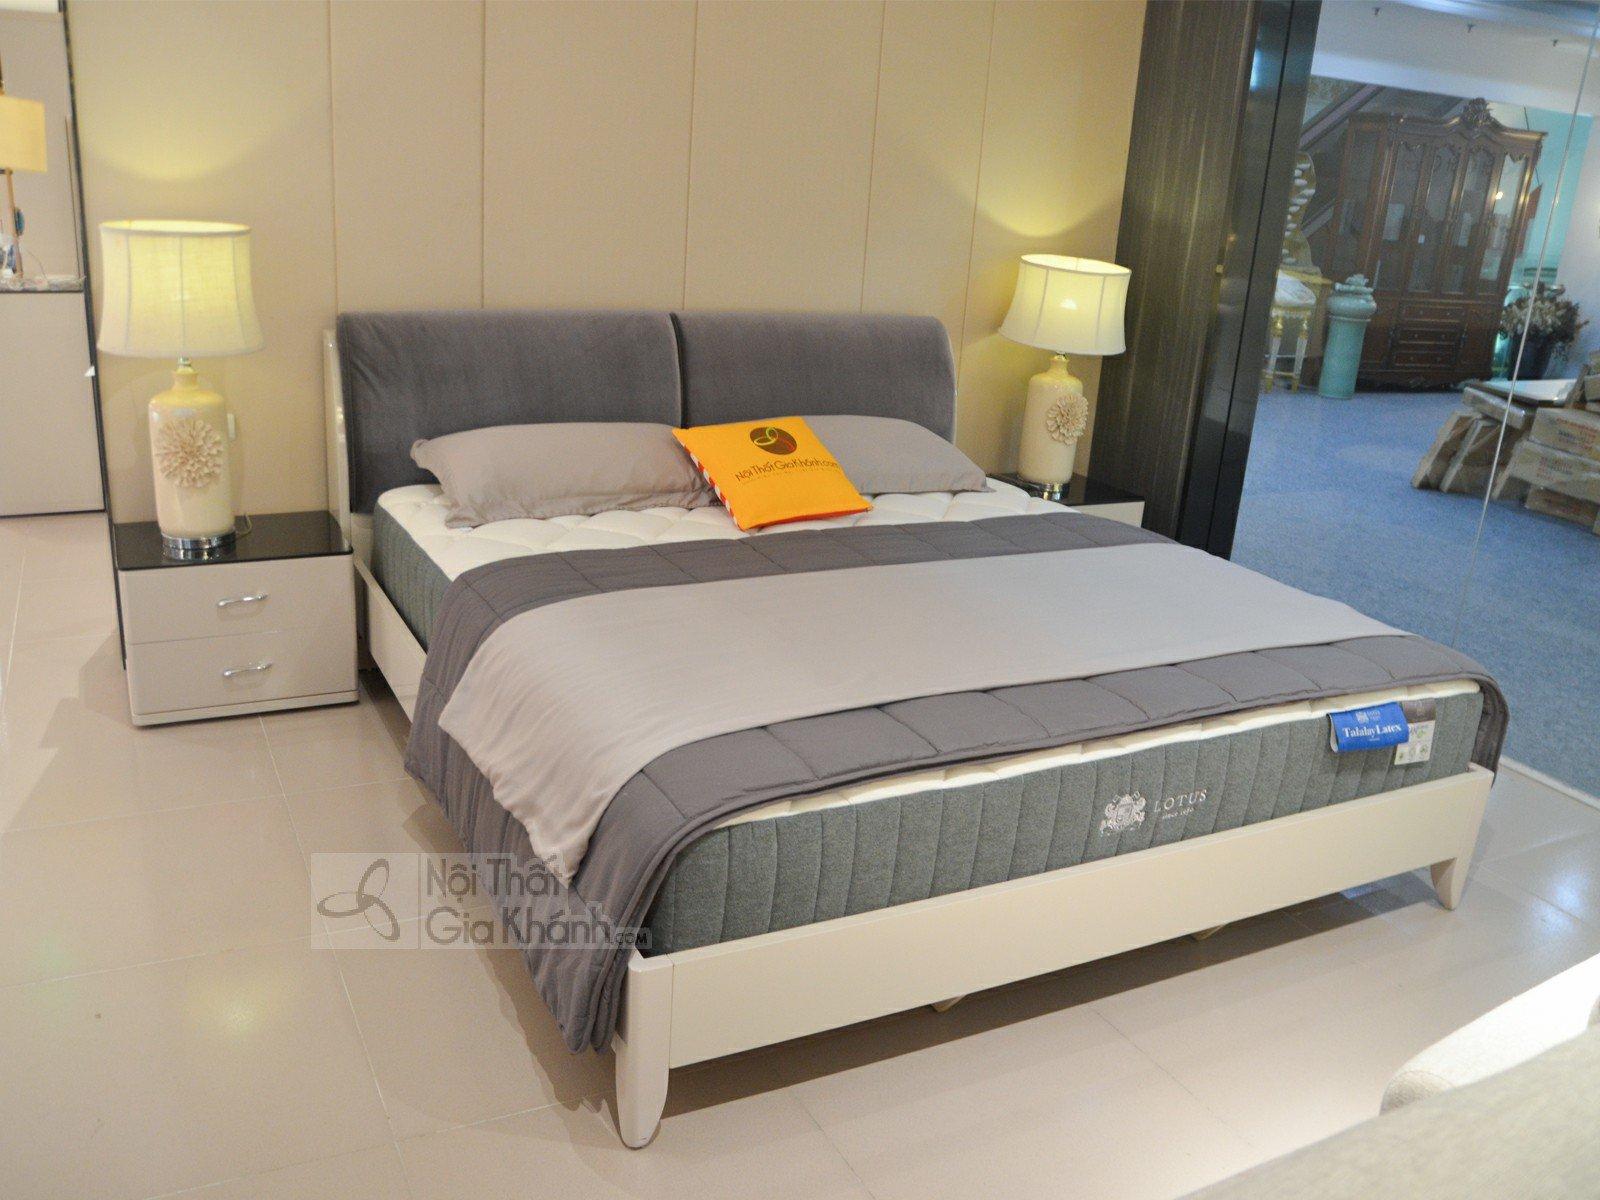 Giường Ngủ Hiện Đại Đầu Bọc Nỉ Nhung Cao Cấp 3306AL - giuong ngu hien dai 3306AL 1